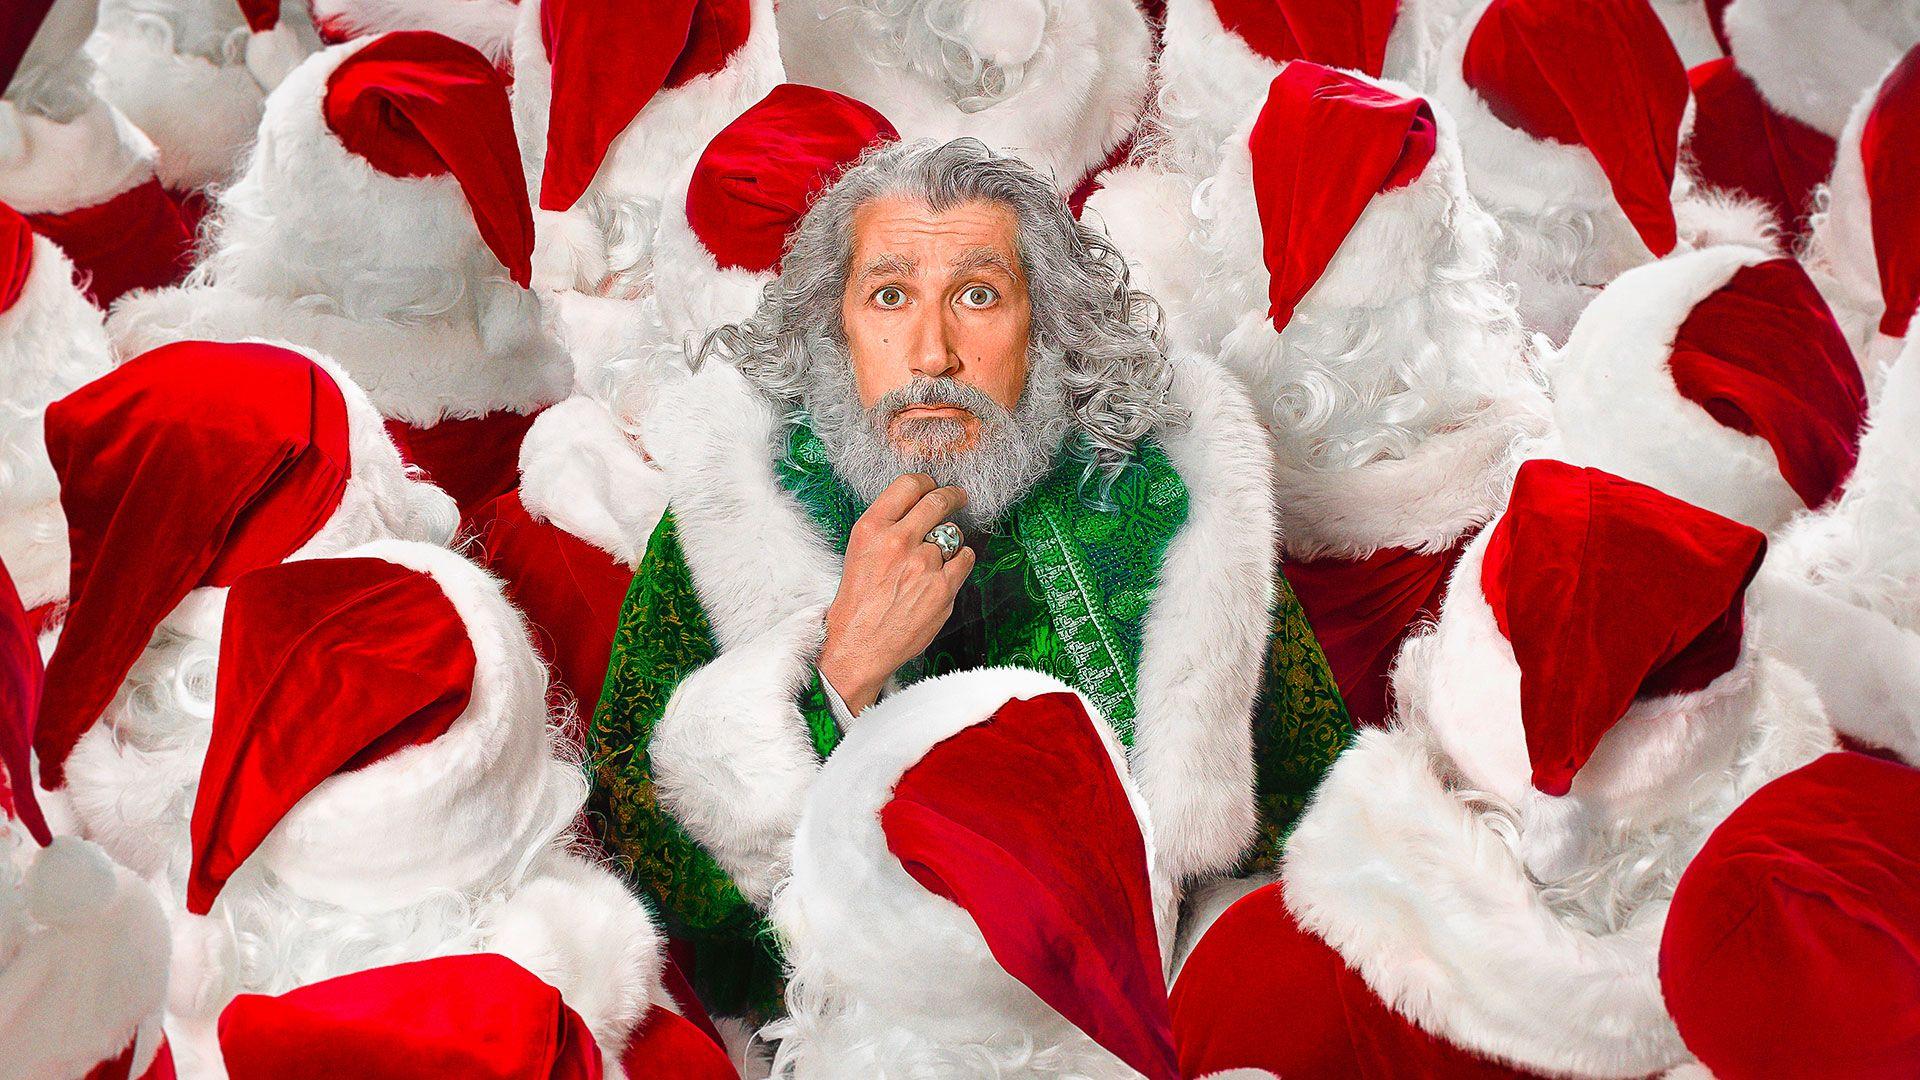 C'est Noël sur Canal+ et myCANAL, faites de la place dans le salon car il va y avoir du beau monde sous le sapin !